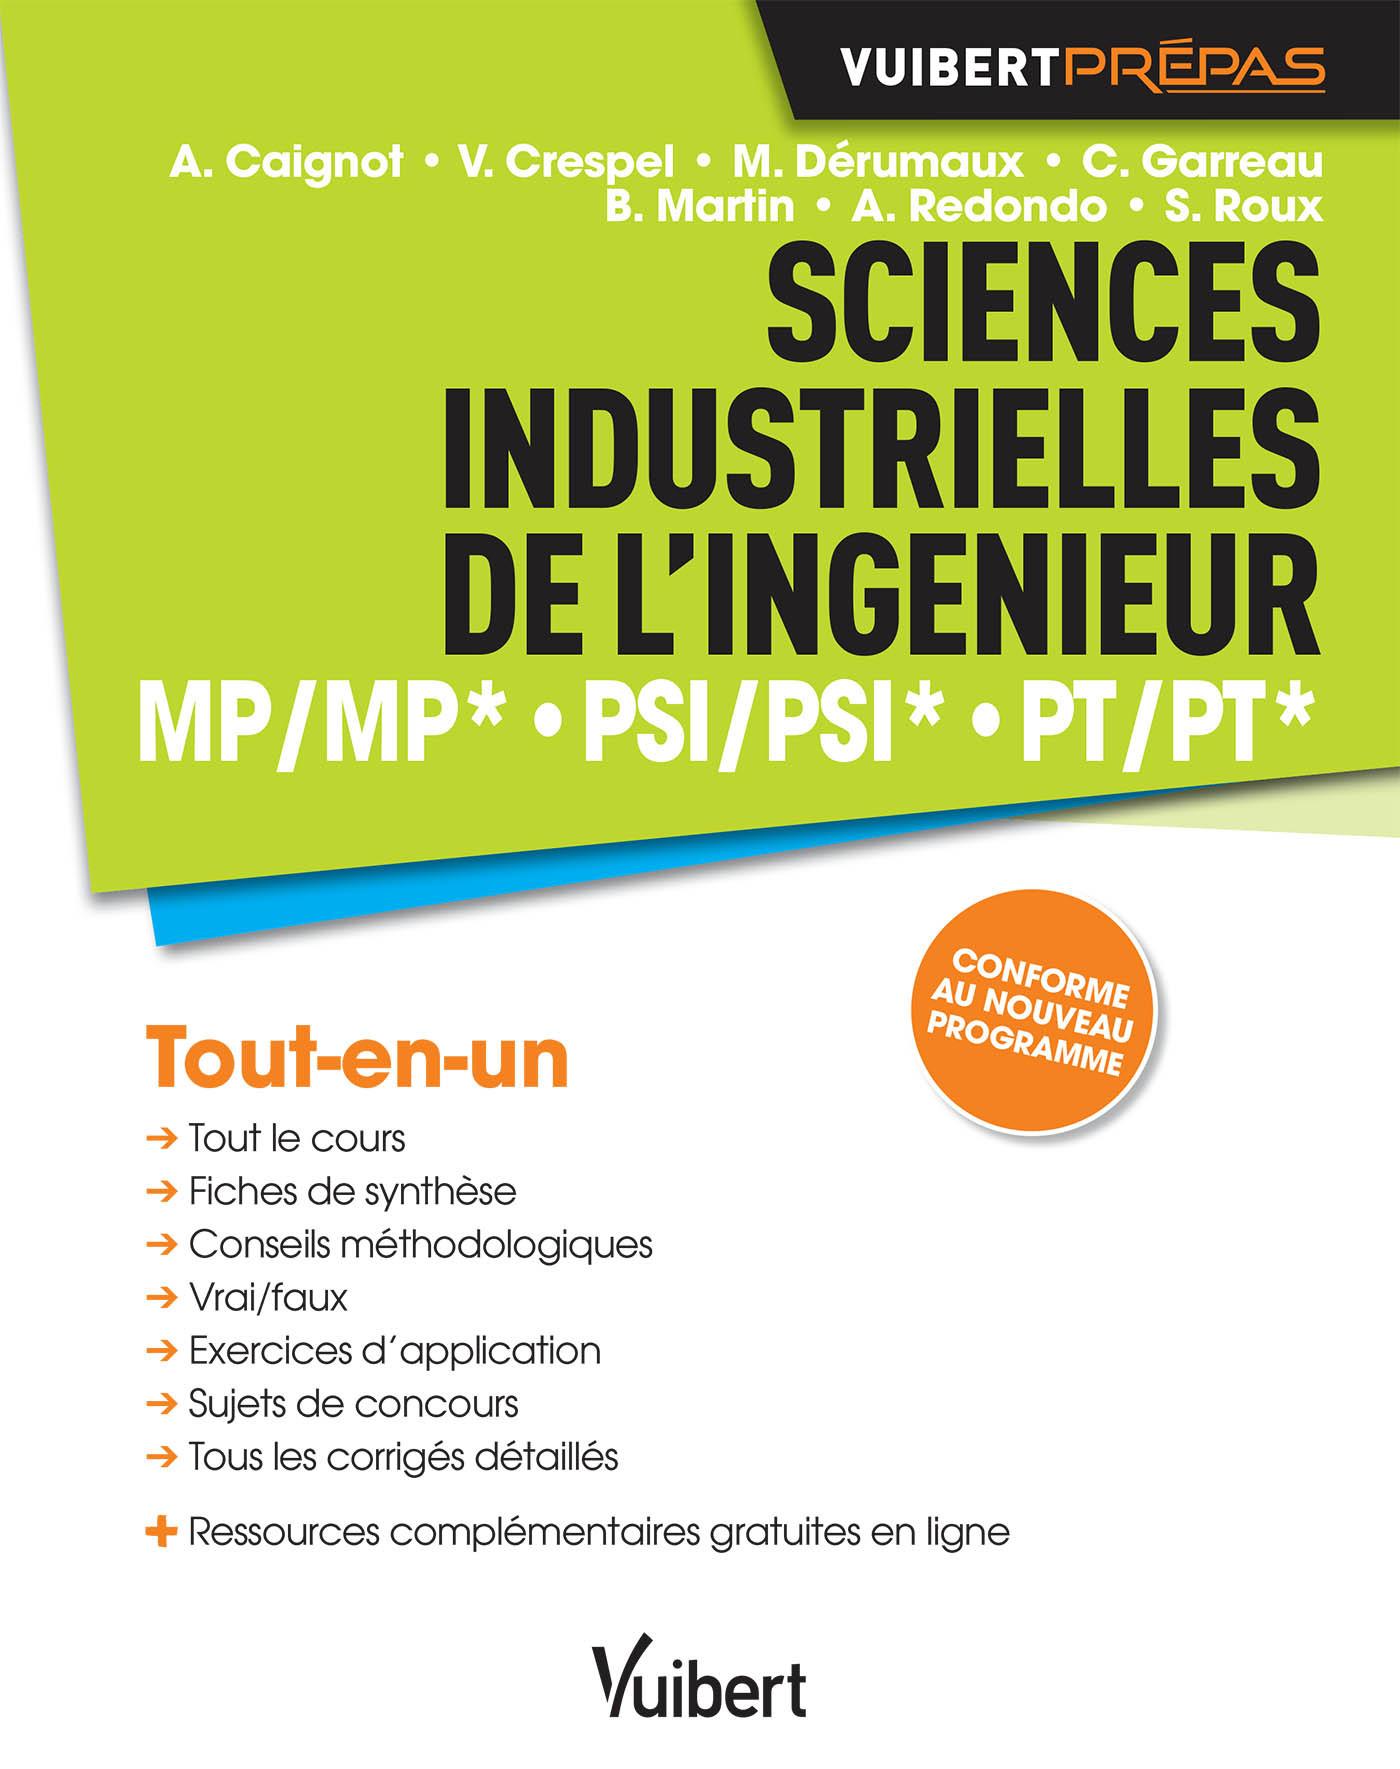 SCIENCES INDUSTRIELLES DE L'INGENIEUR MP MP* PSI PSI* PT PT*